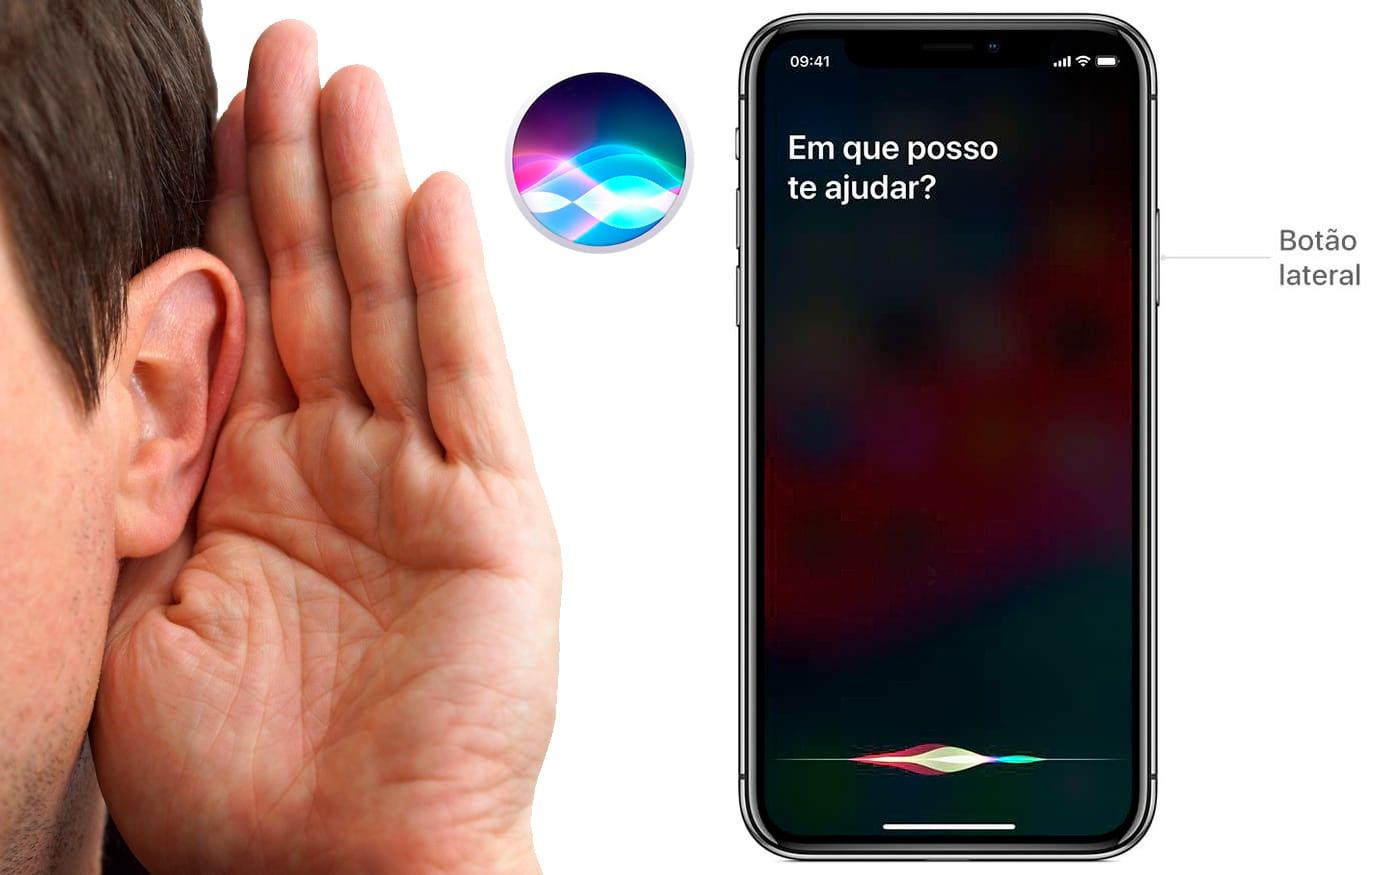 Apple admite que funcionários podem escutar o que você diz a Siri sem a sua autorização